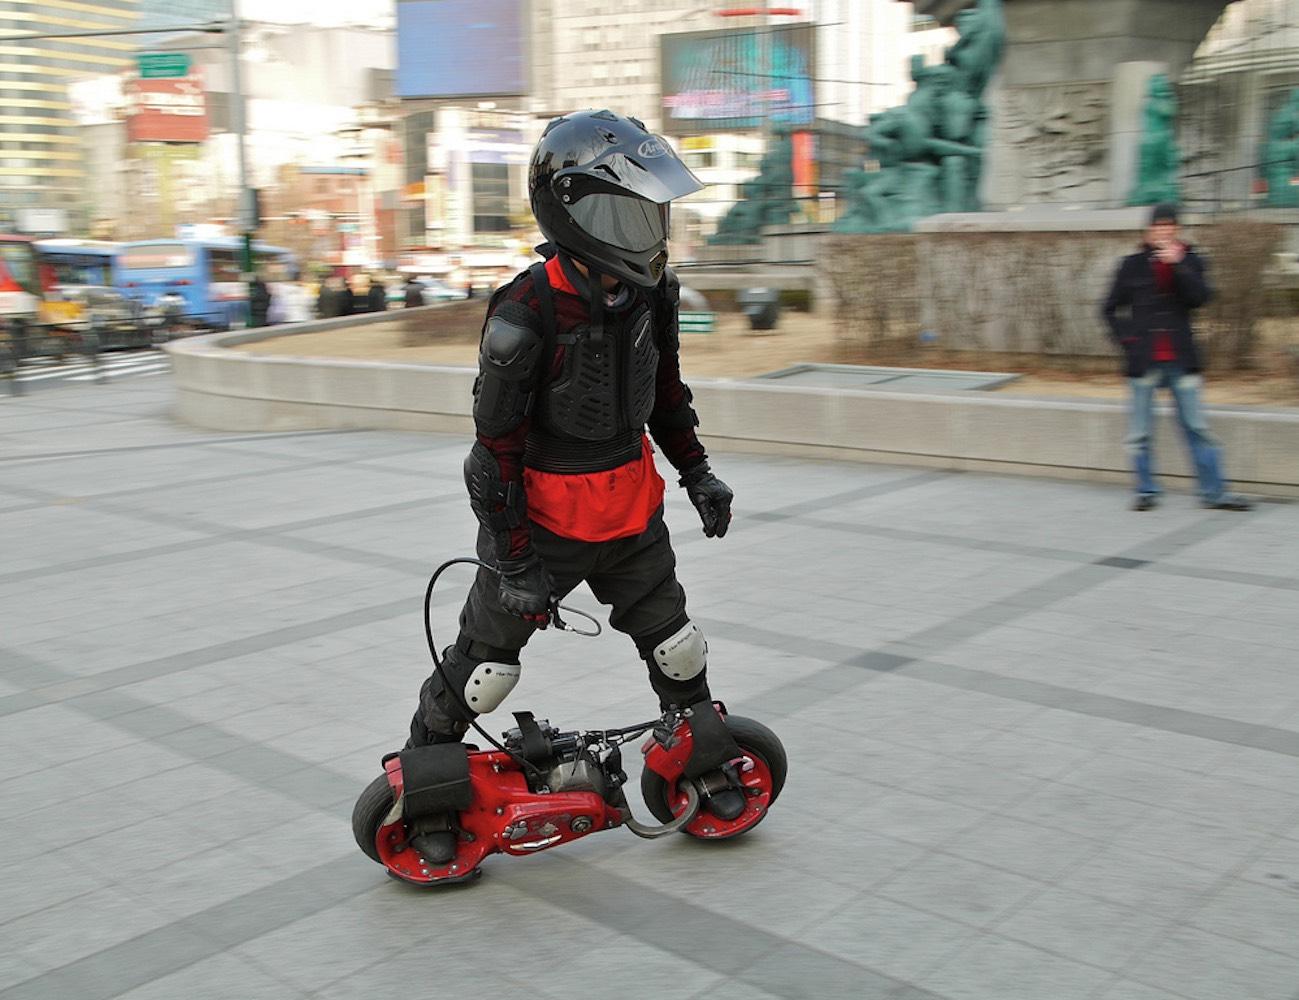 Wheelman 50cc gas skateboard 187 review